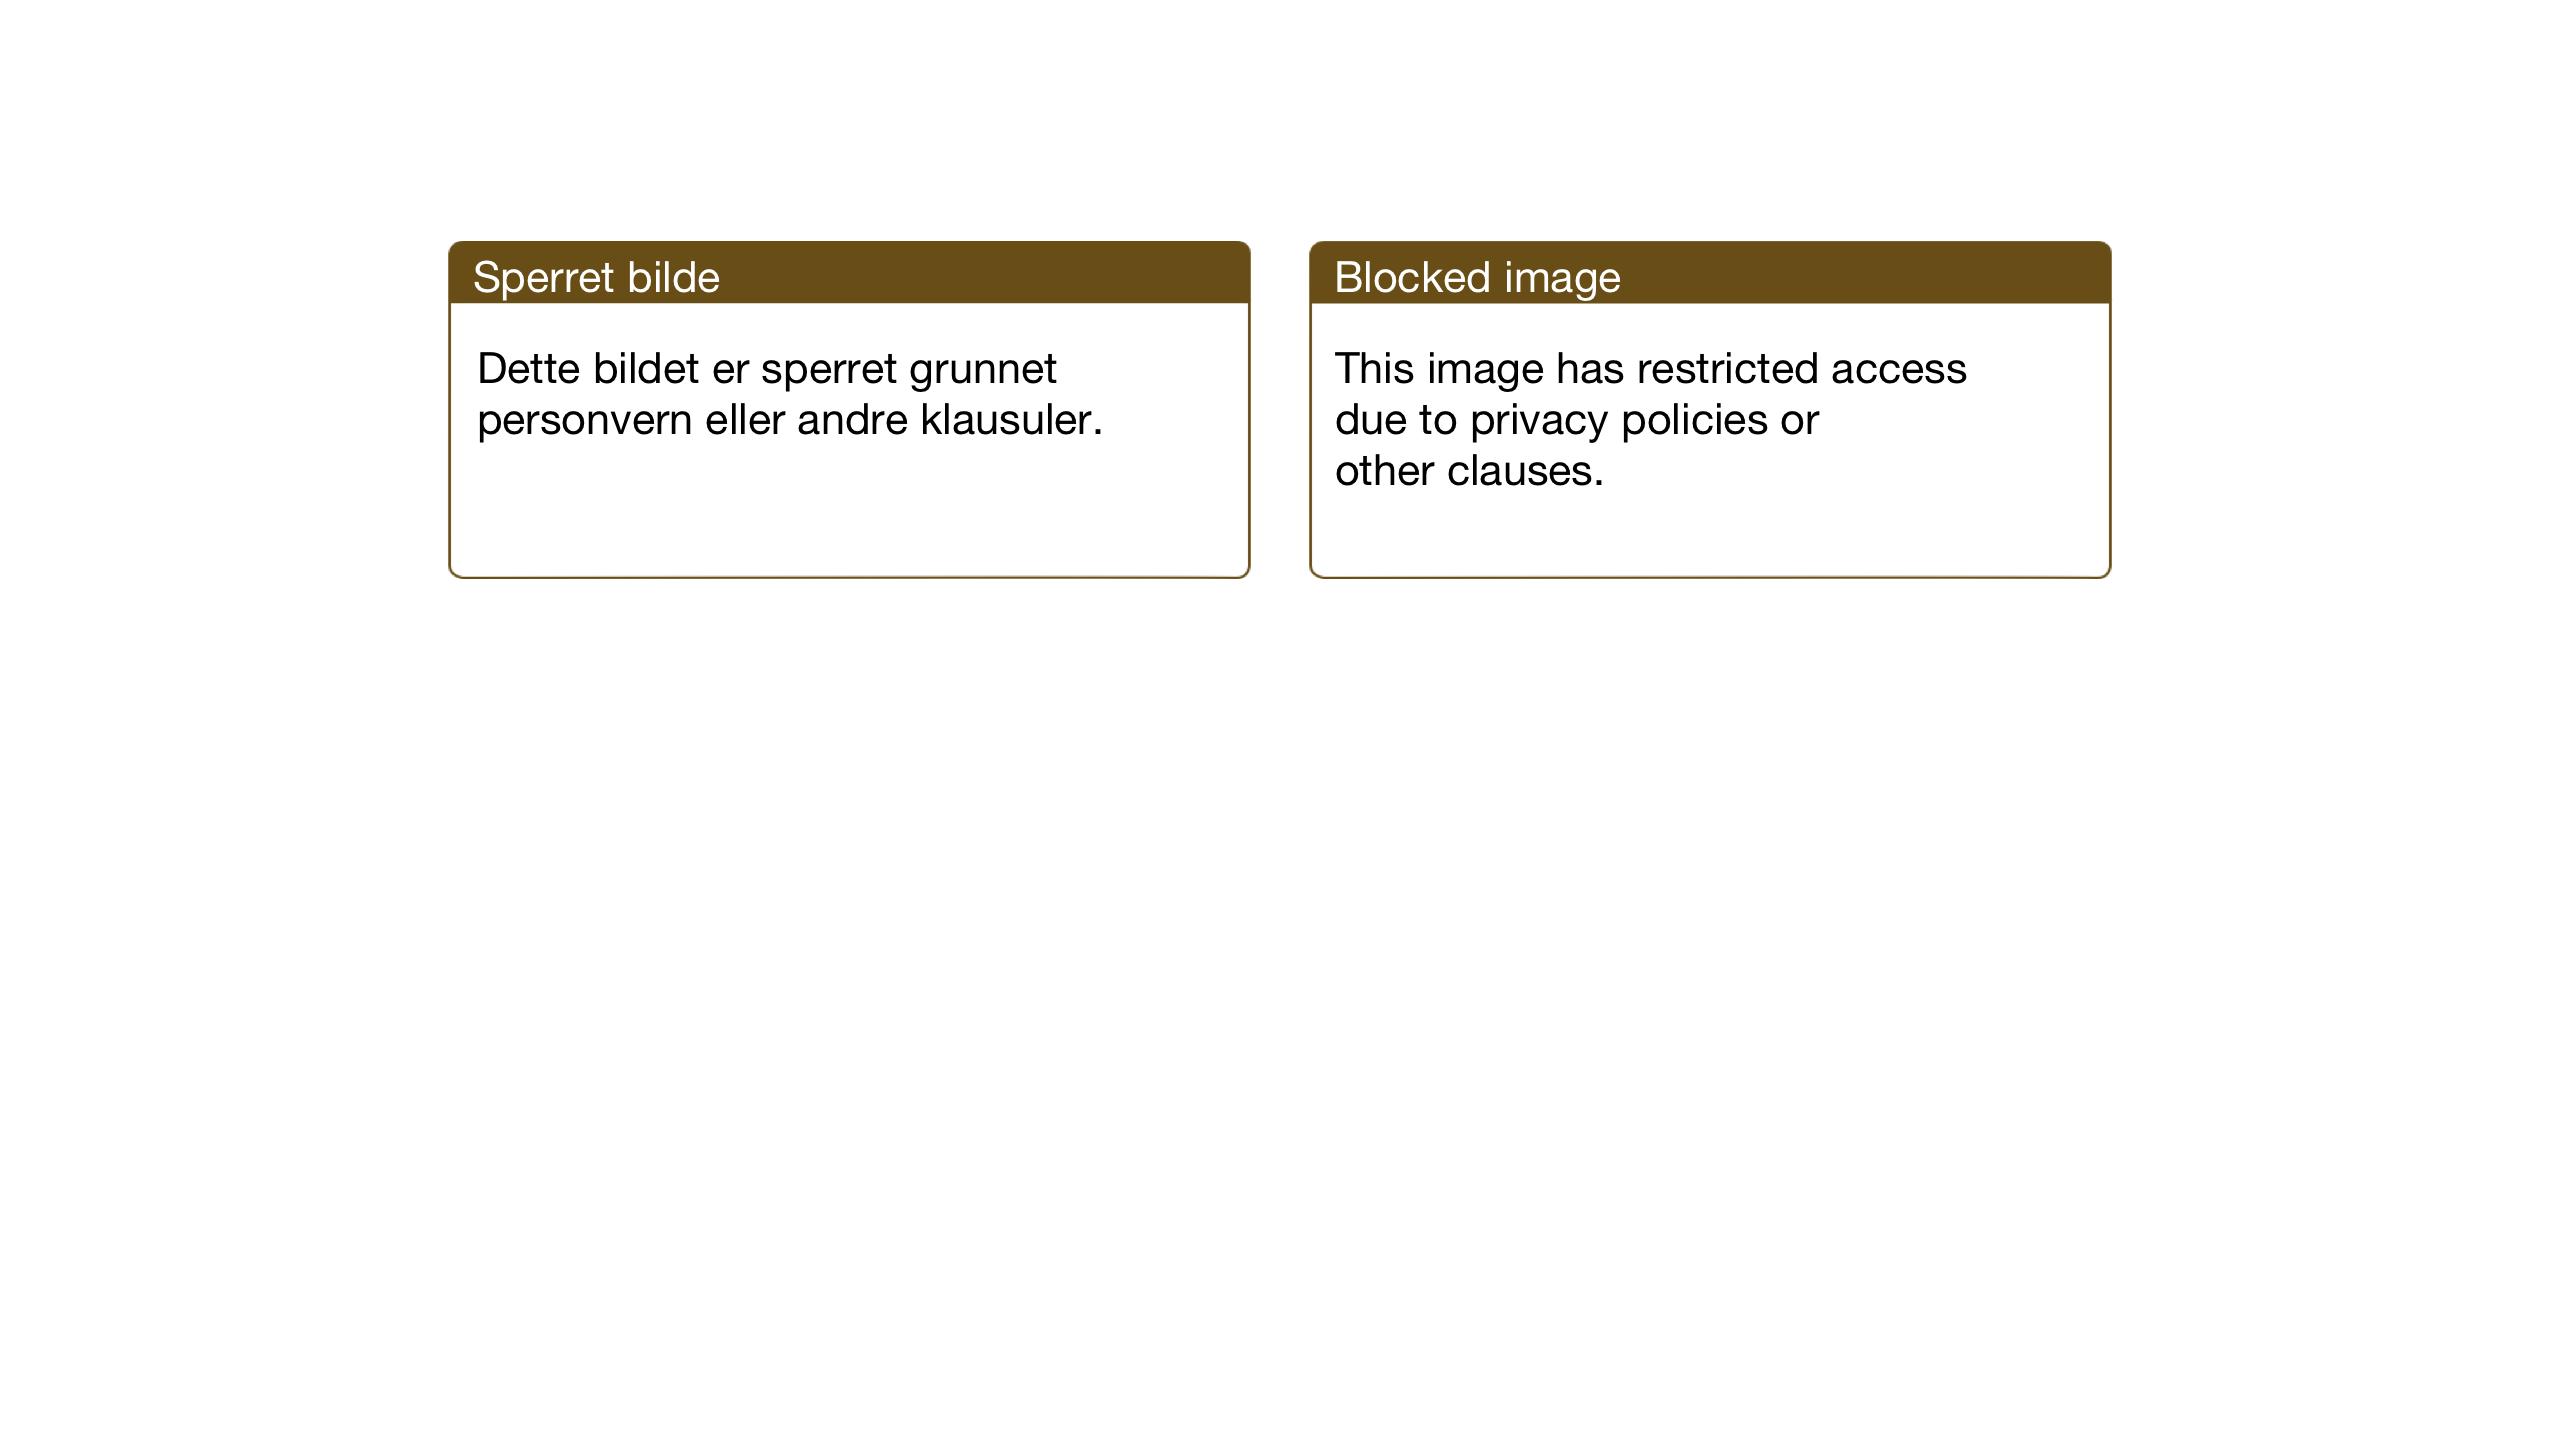 SAT, Ministerialprotokoller, klokkerbøker og fødselsregistre - Nord-Trøndelag, 701/L0019: Klokkerbok nr. 701C03, 1930-1953, s. 196